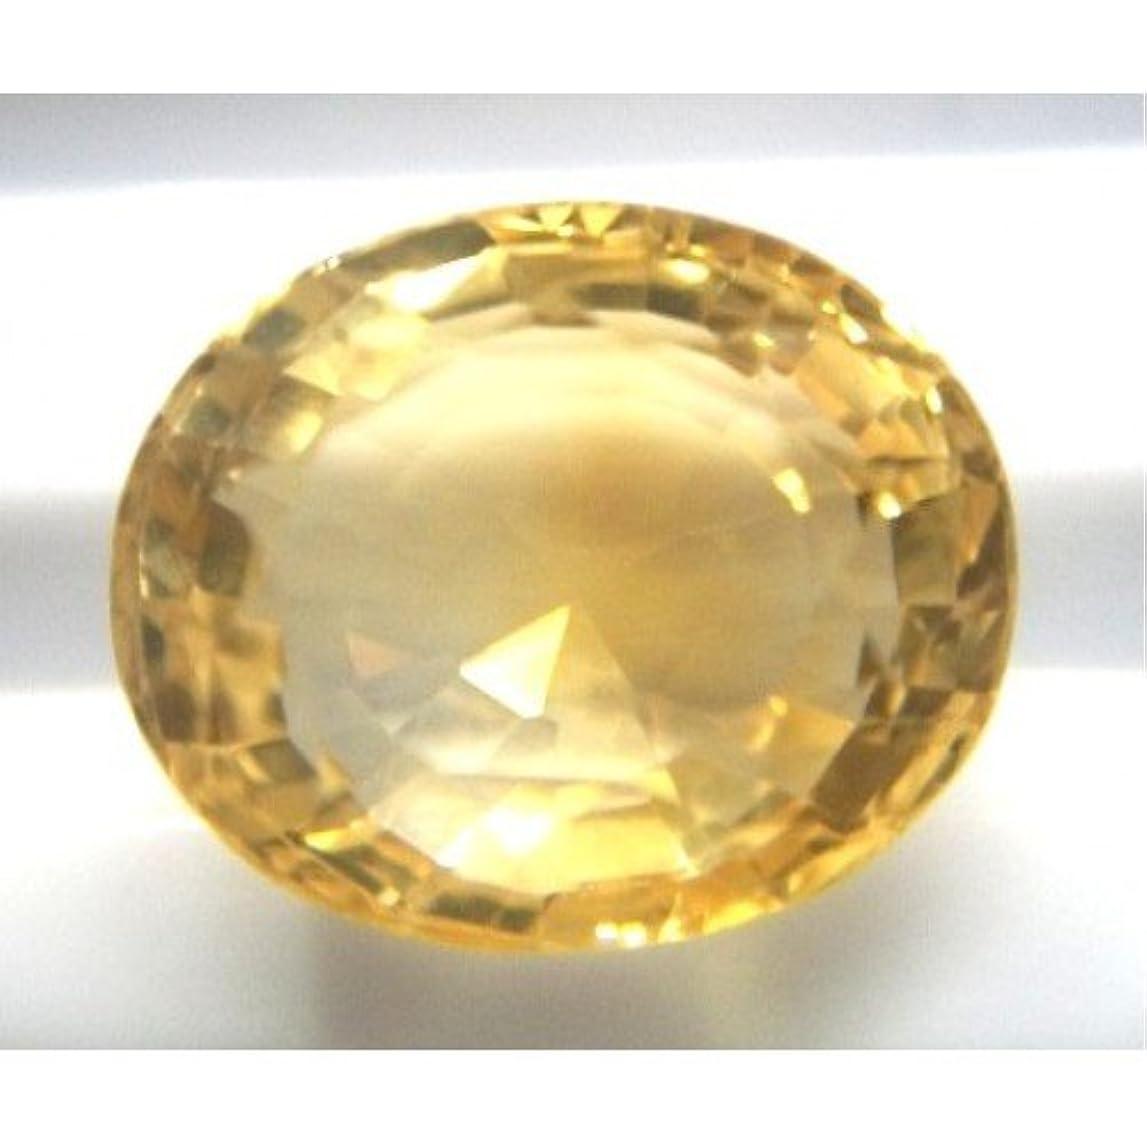 お香塊意図的シトリン石元認定天然sunehla宝石4.9カラットby gemselect